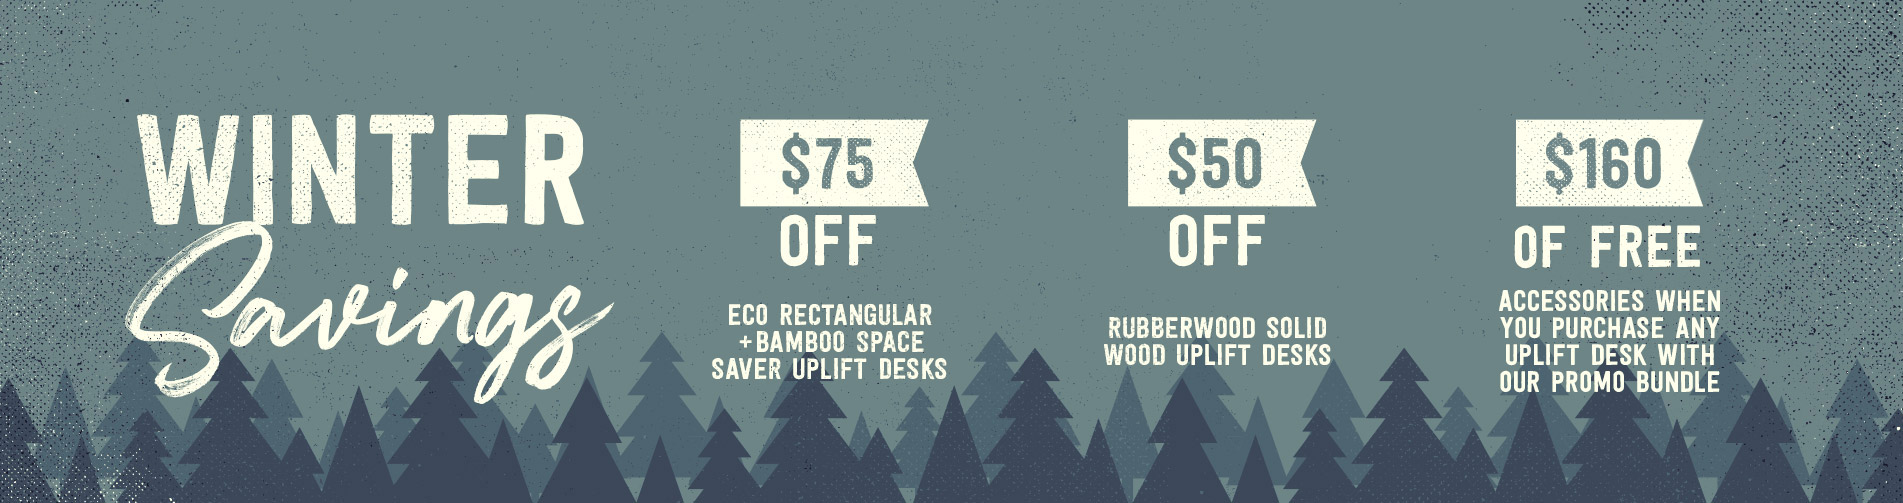 Winter Savings by UPLIFT Desk